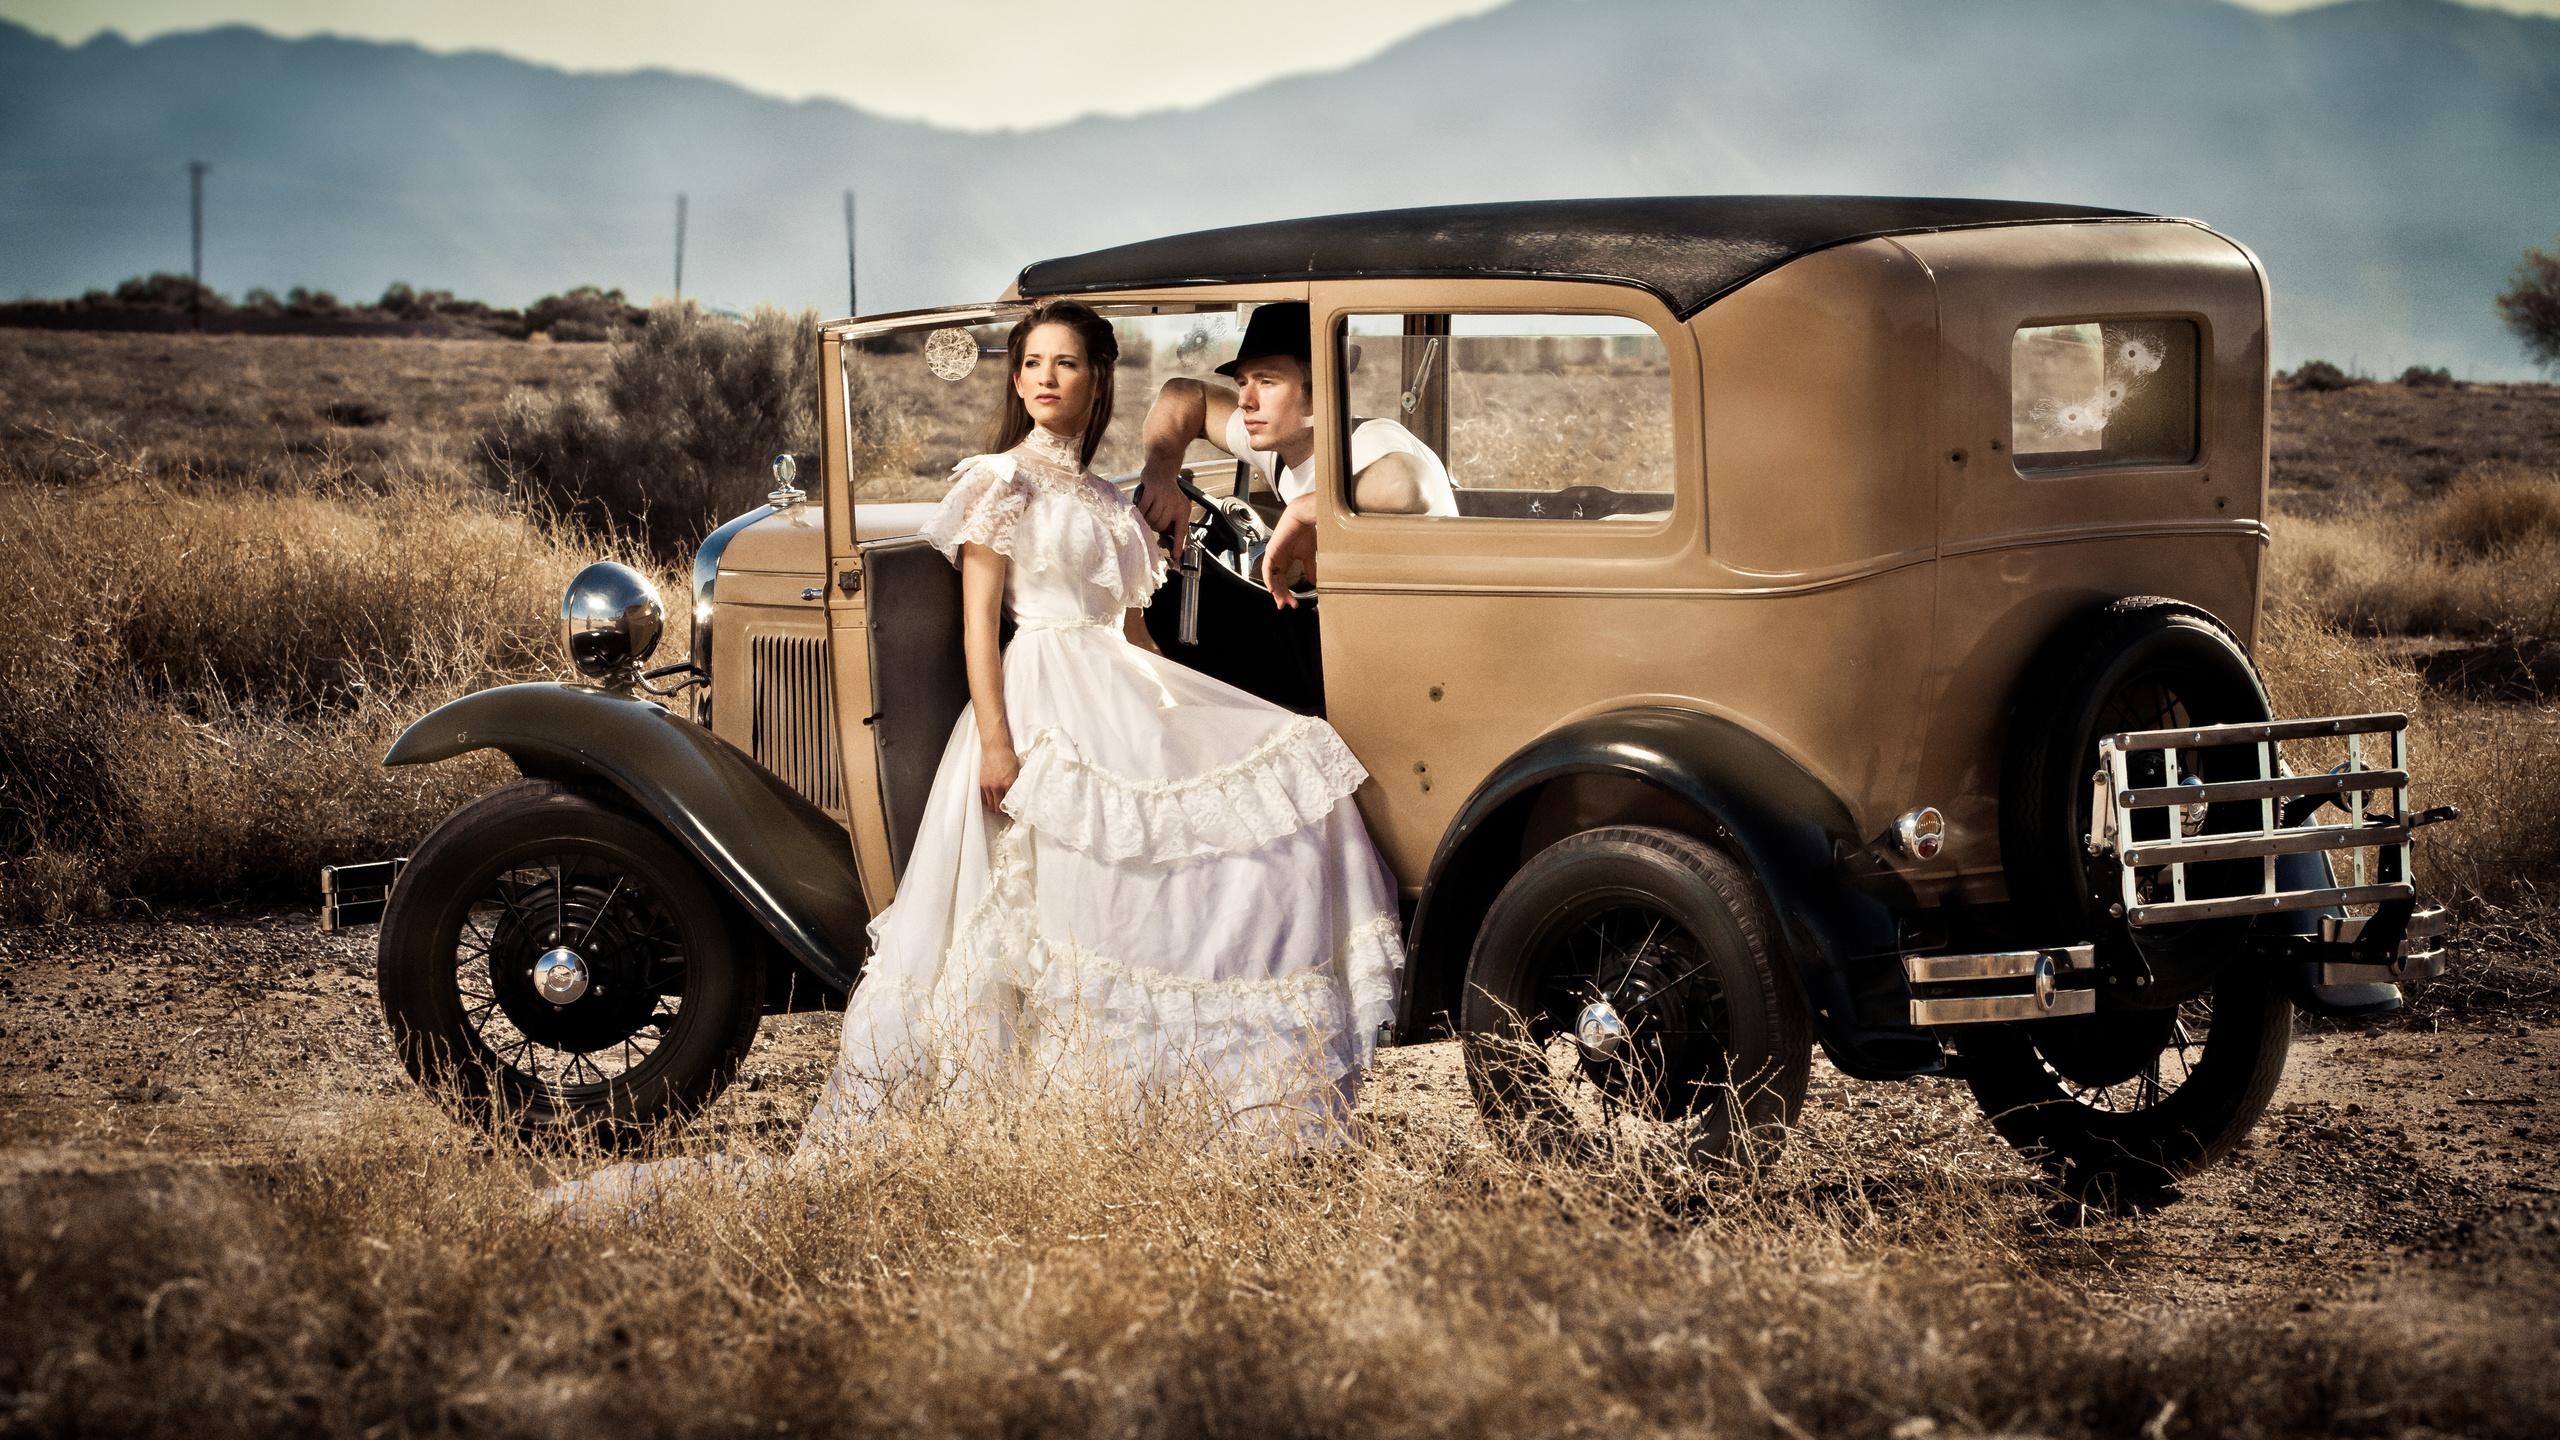 свадьба, аризона, ford, винтаж, клайд, помолвка, пушка, бонни, пулевые отверстия